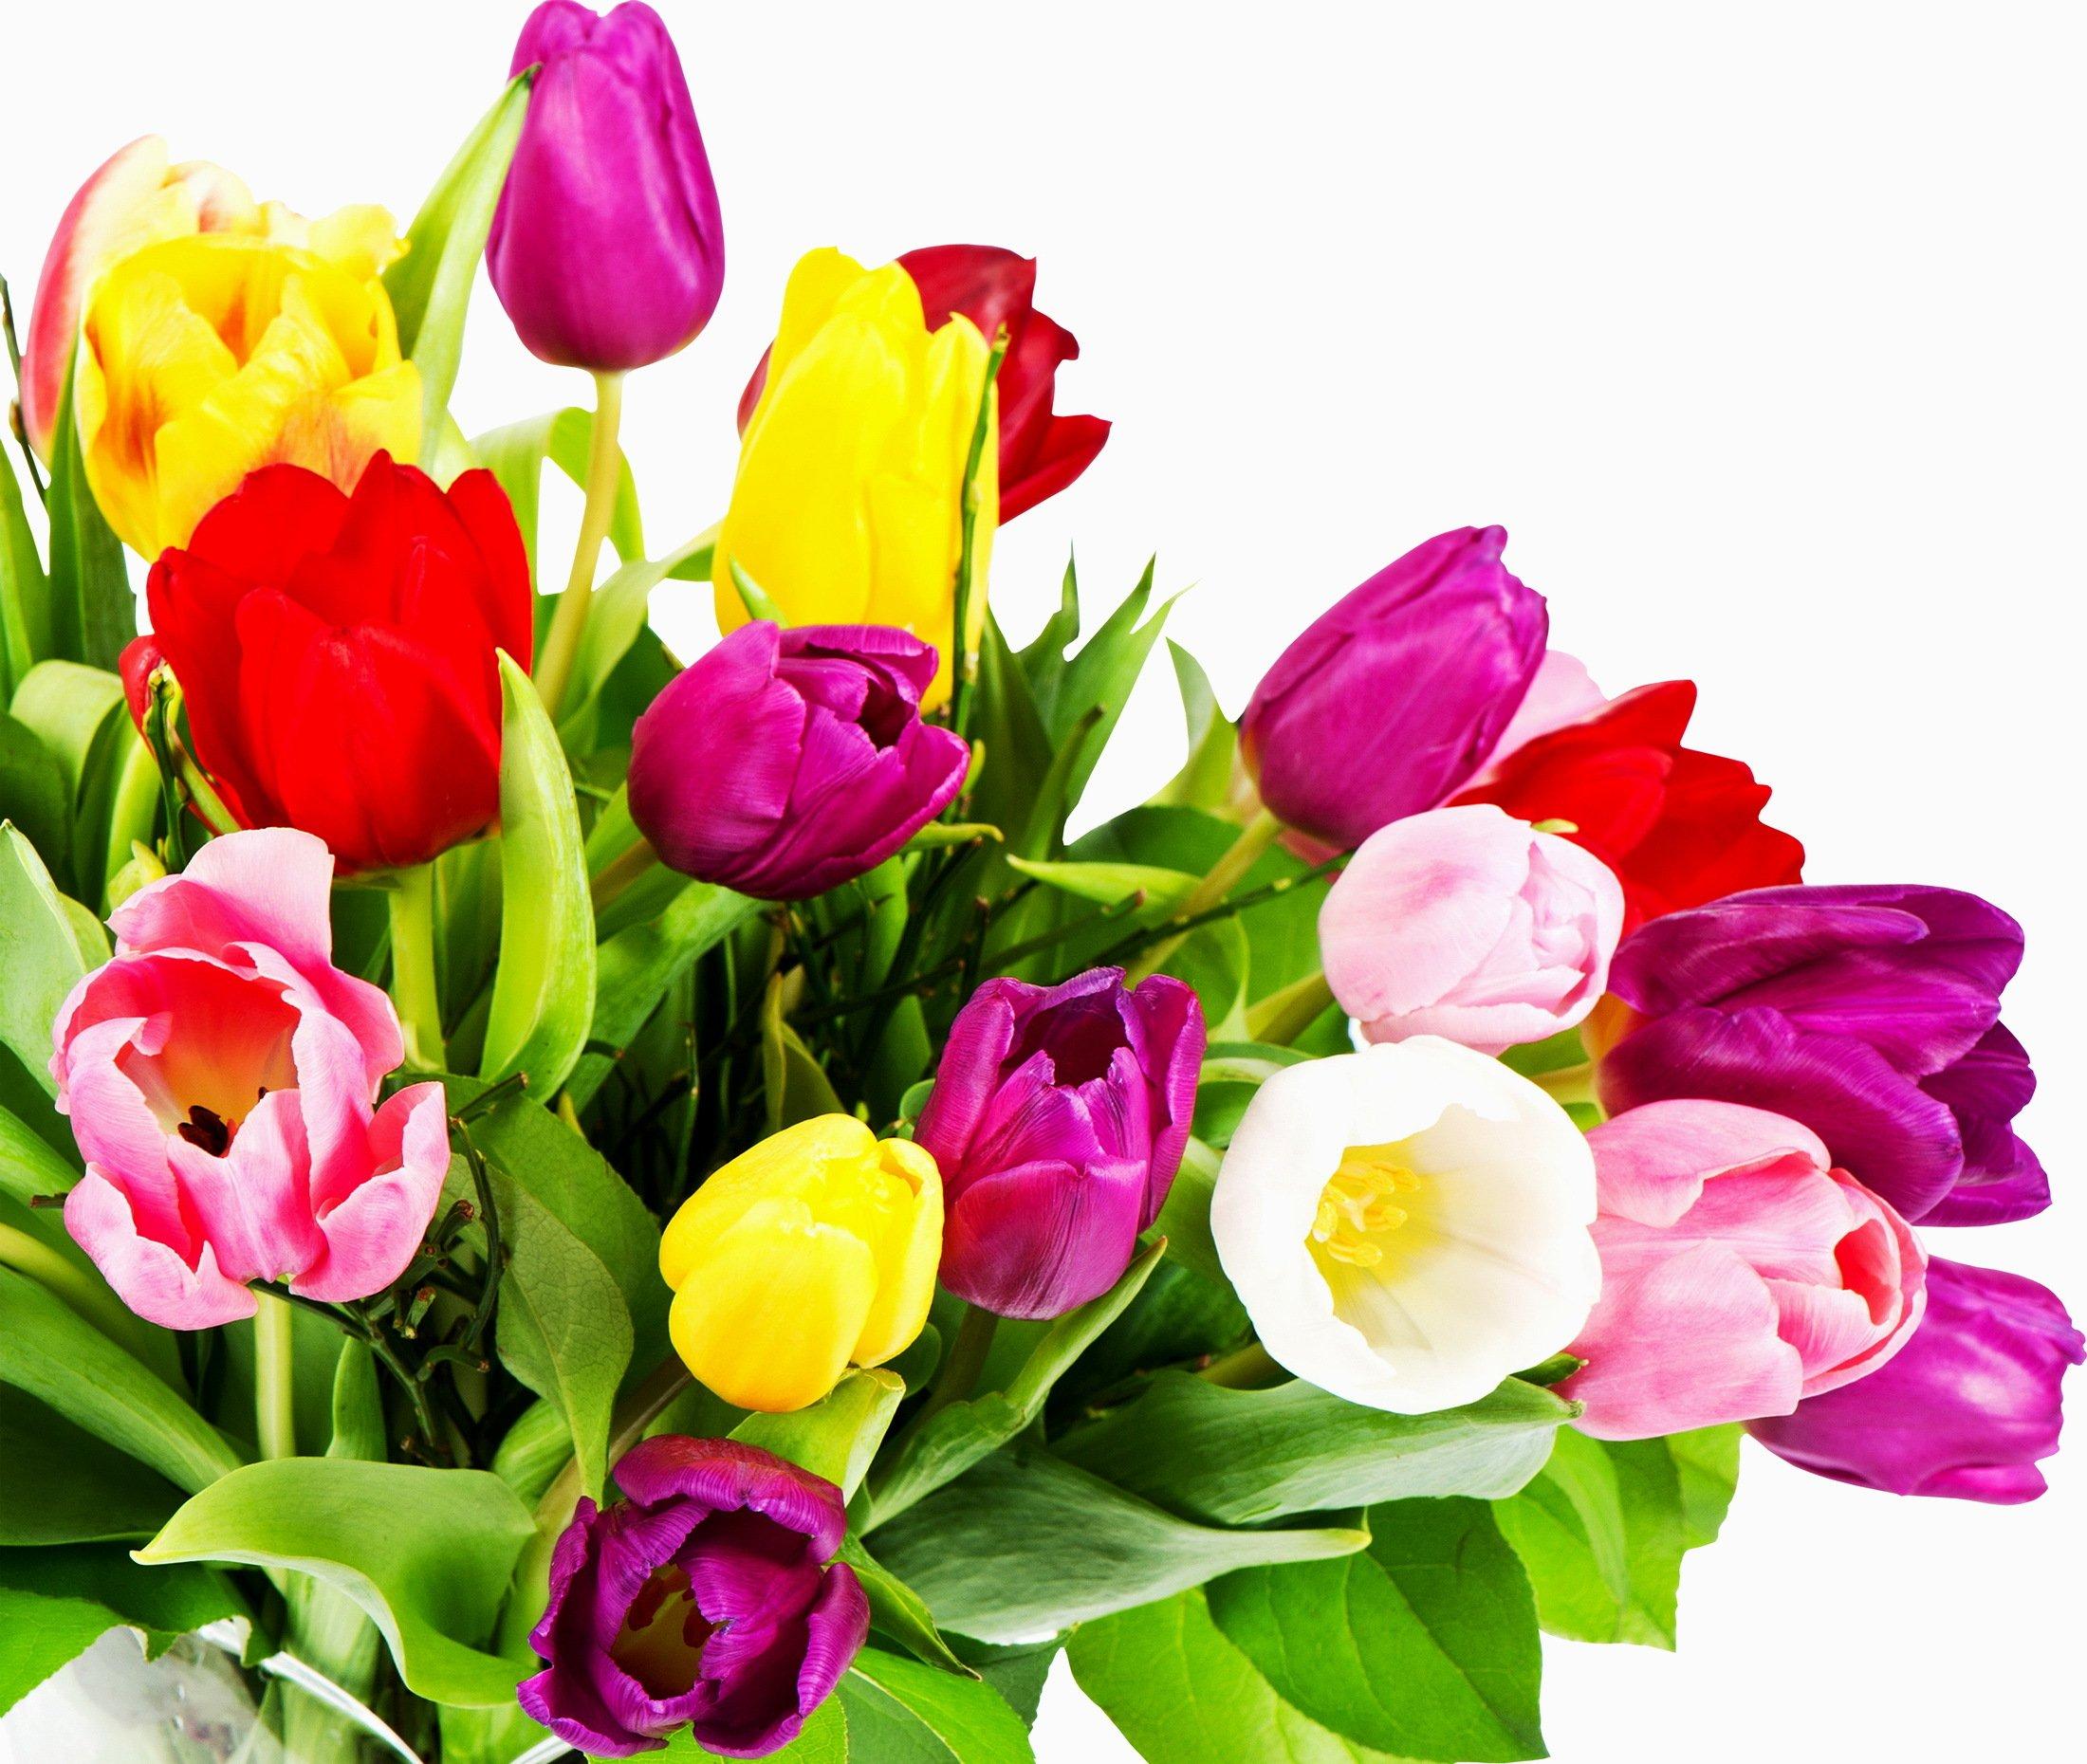 Всех девушек с Канобу, с 8 марта! Счастья Вам, удачи, море улыбок , позитива и любви!). - Изображение 1